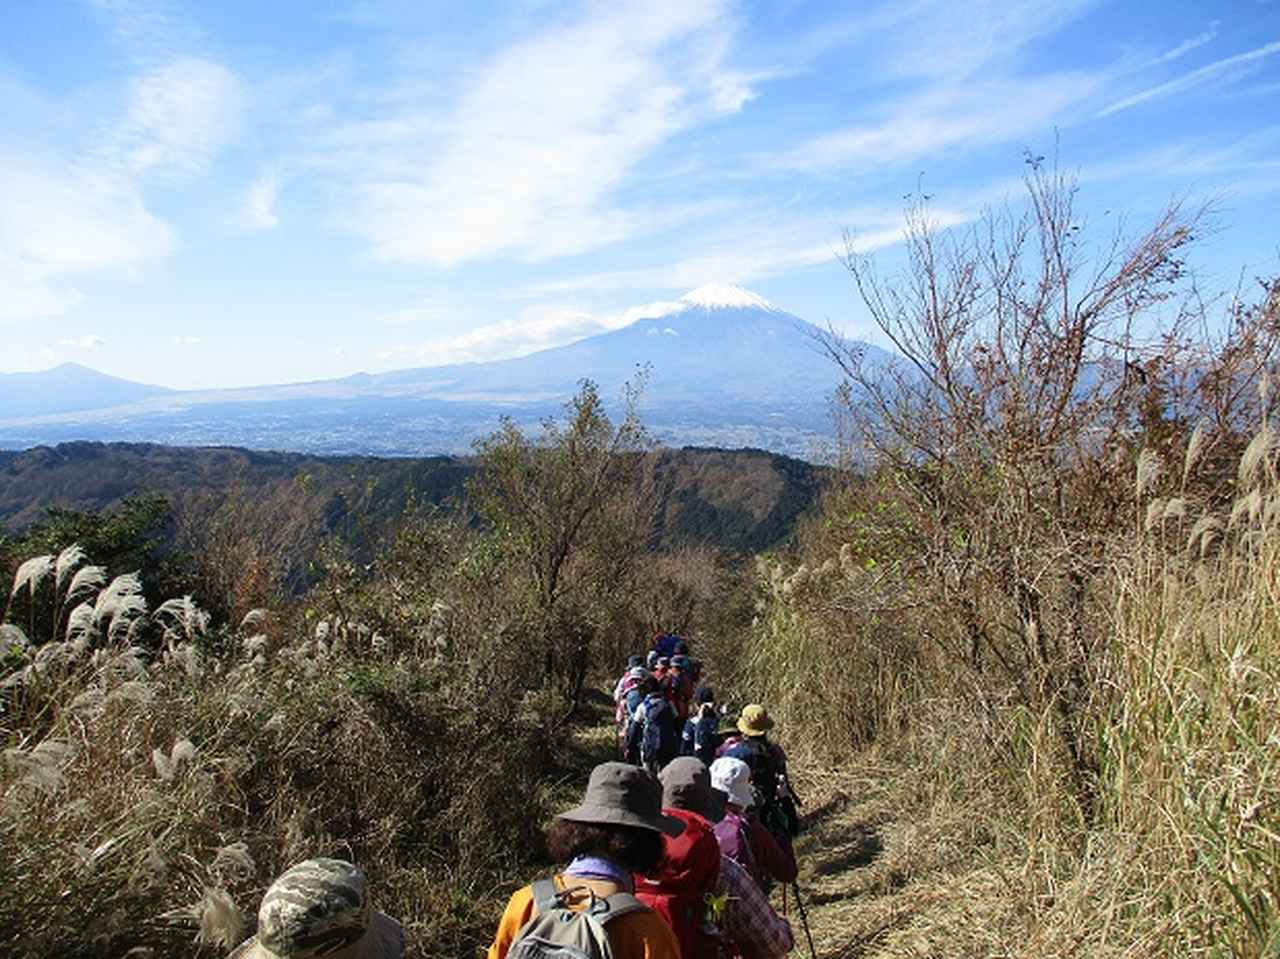 画像8: 【山旅会・登山ガイドこだわりツアー】添乗員からの便り矢倉岳ツアーにいってまいりました!